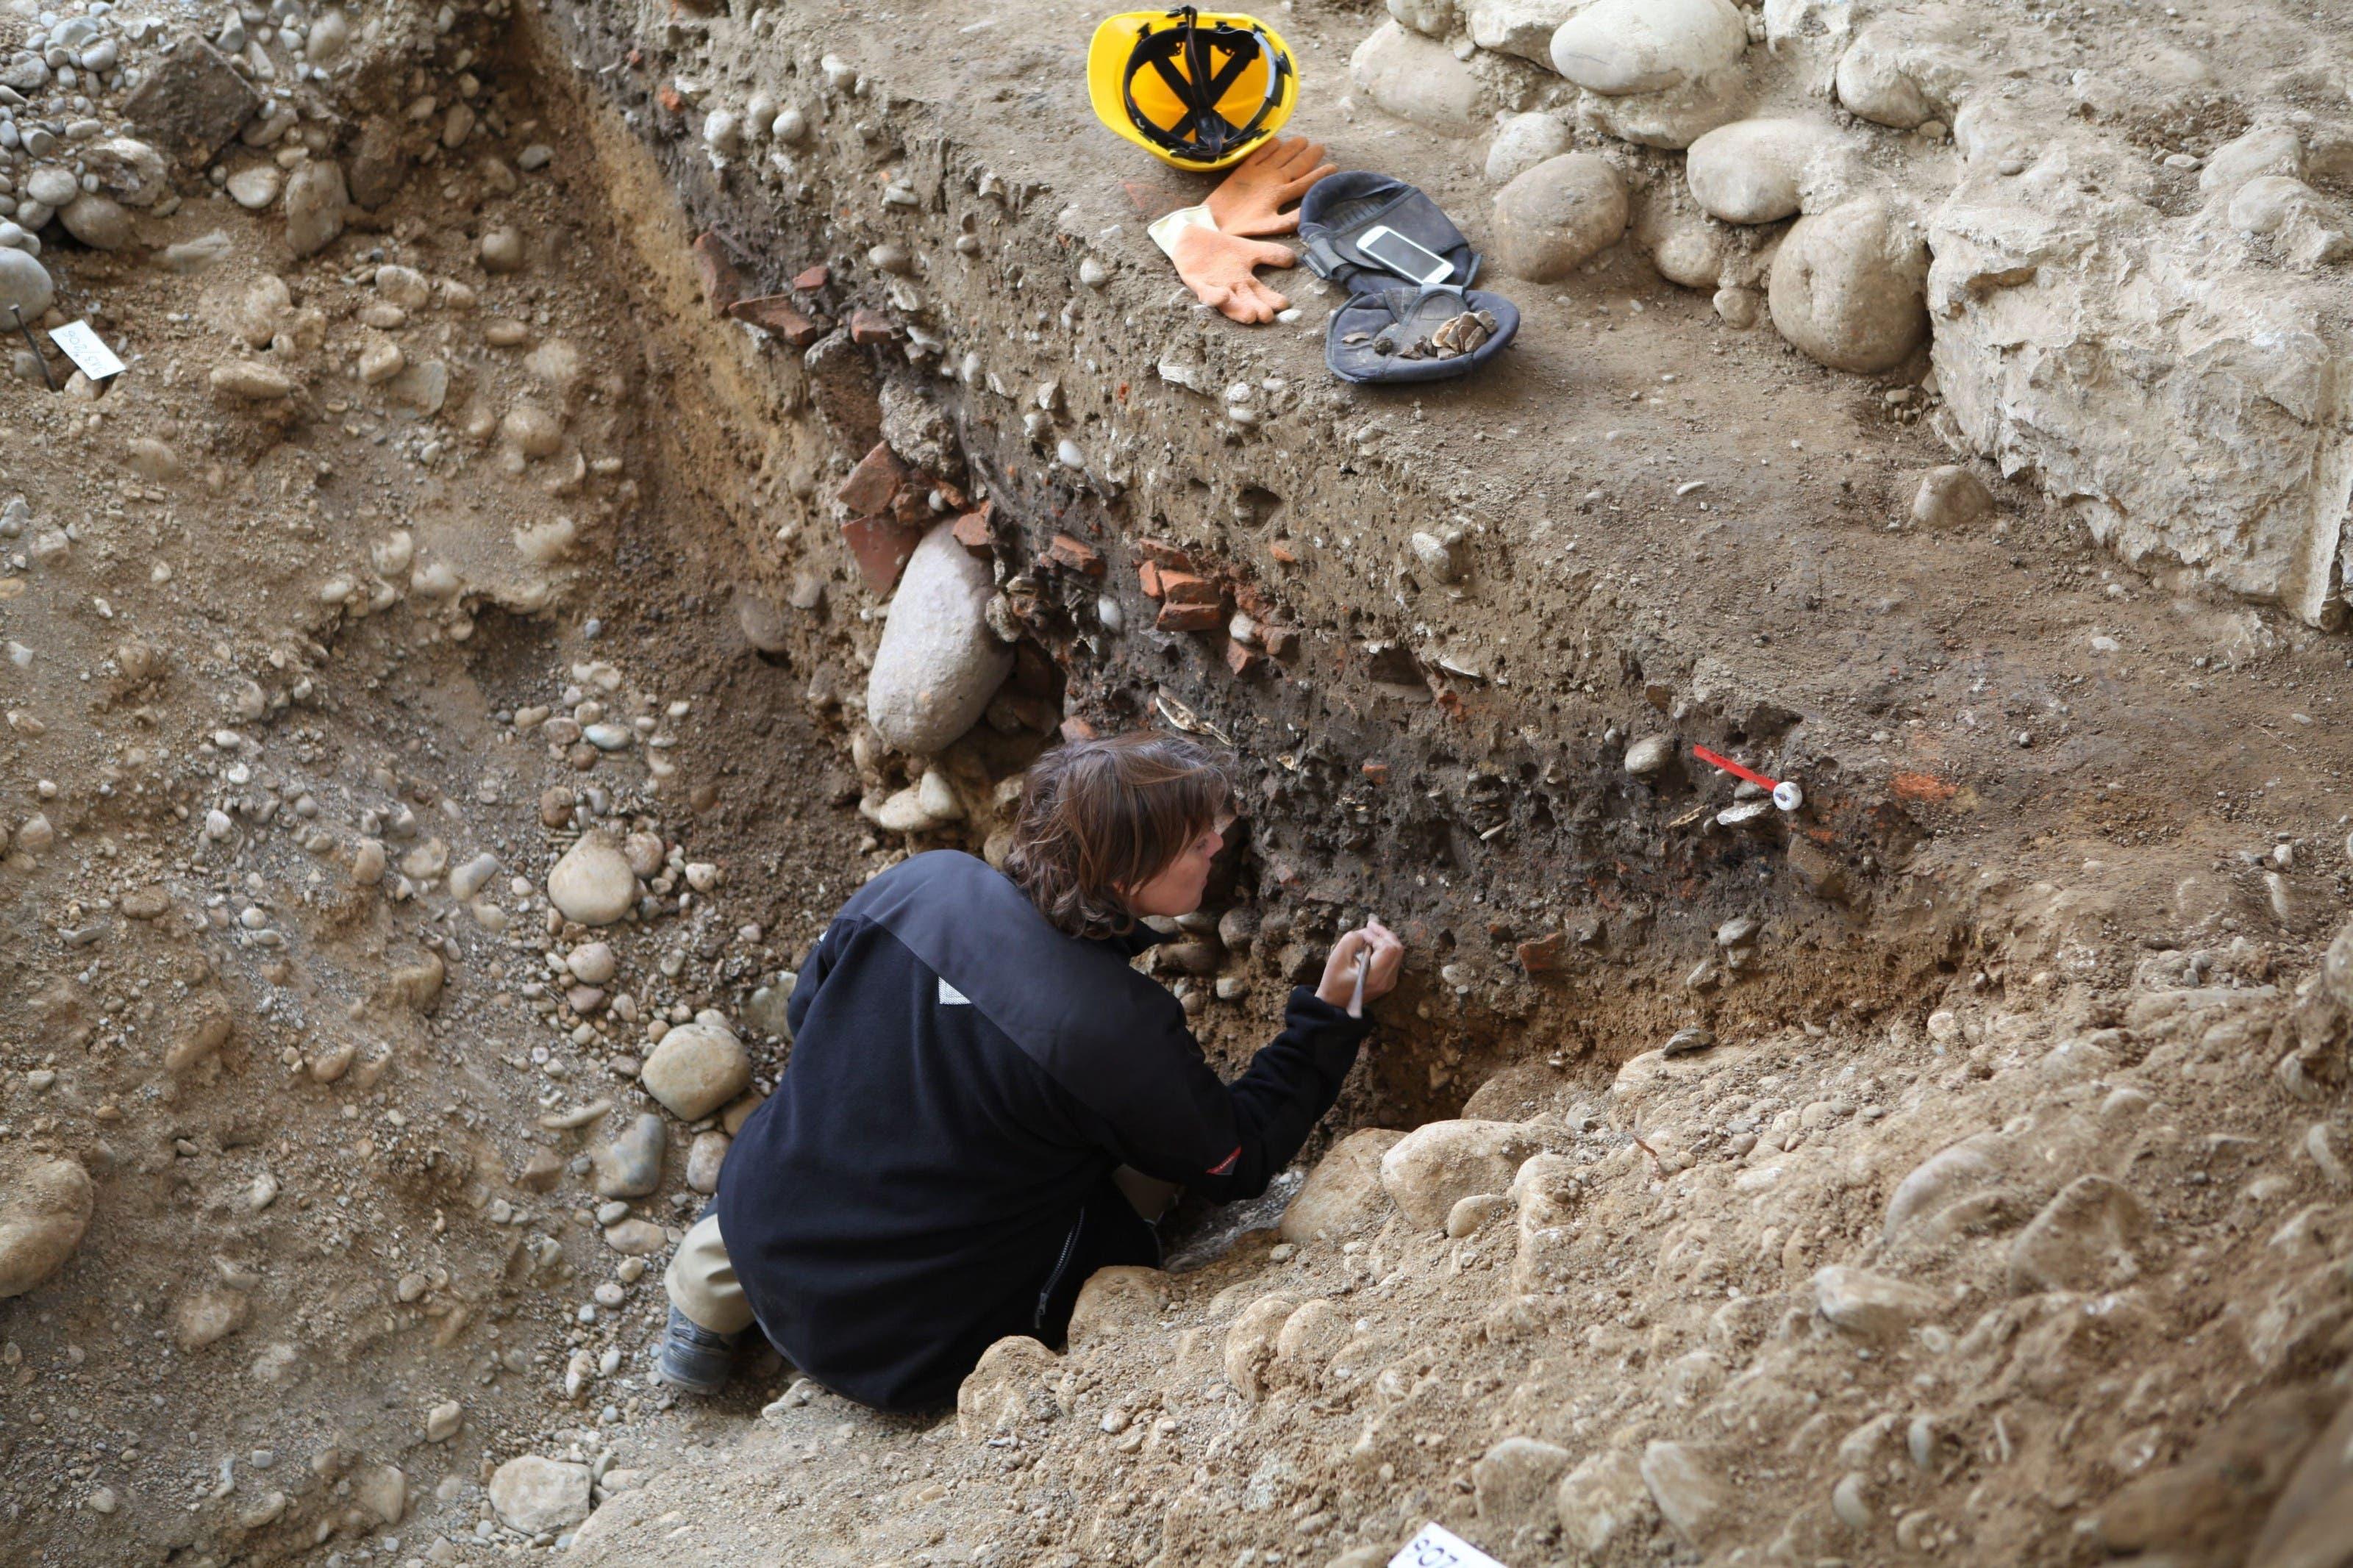 Der Spitzgraben: Die Legionäre verfüllten den Verteidigungsgraben nach ihrem Abzug mit Abfall – eine reiche Quelle für Archäologen und Archäologinnen.